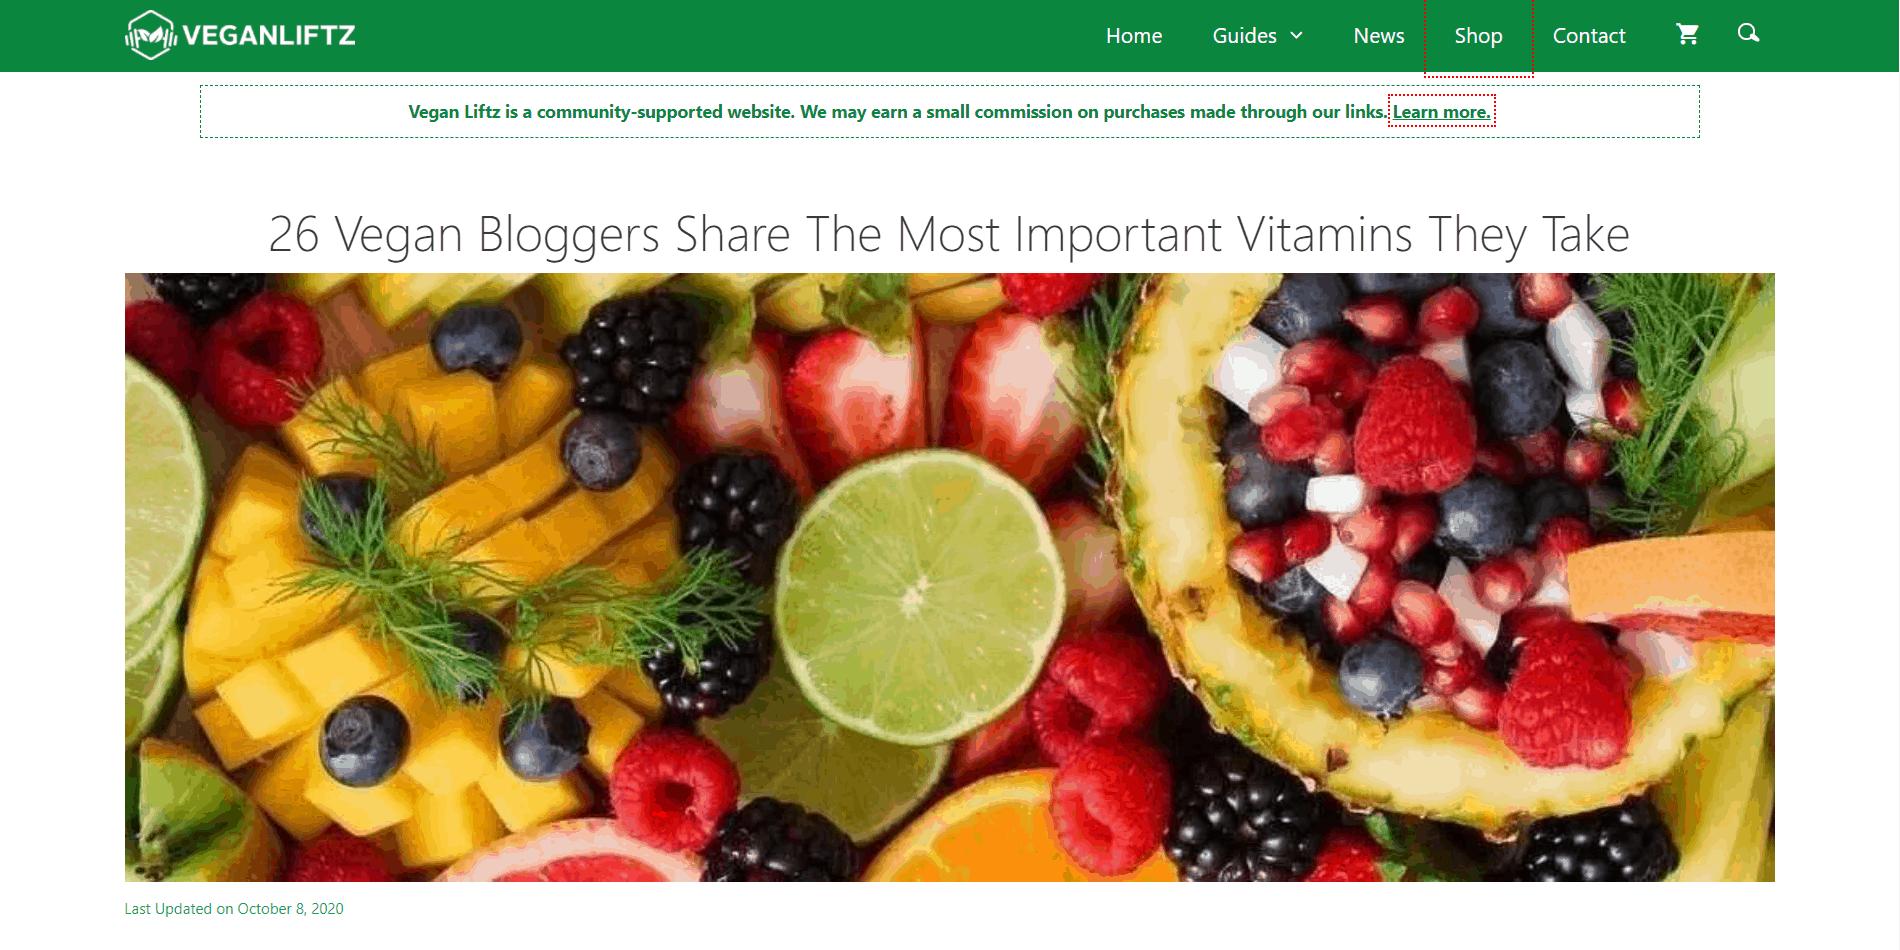 vegan supplements expert roundup